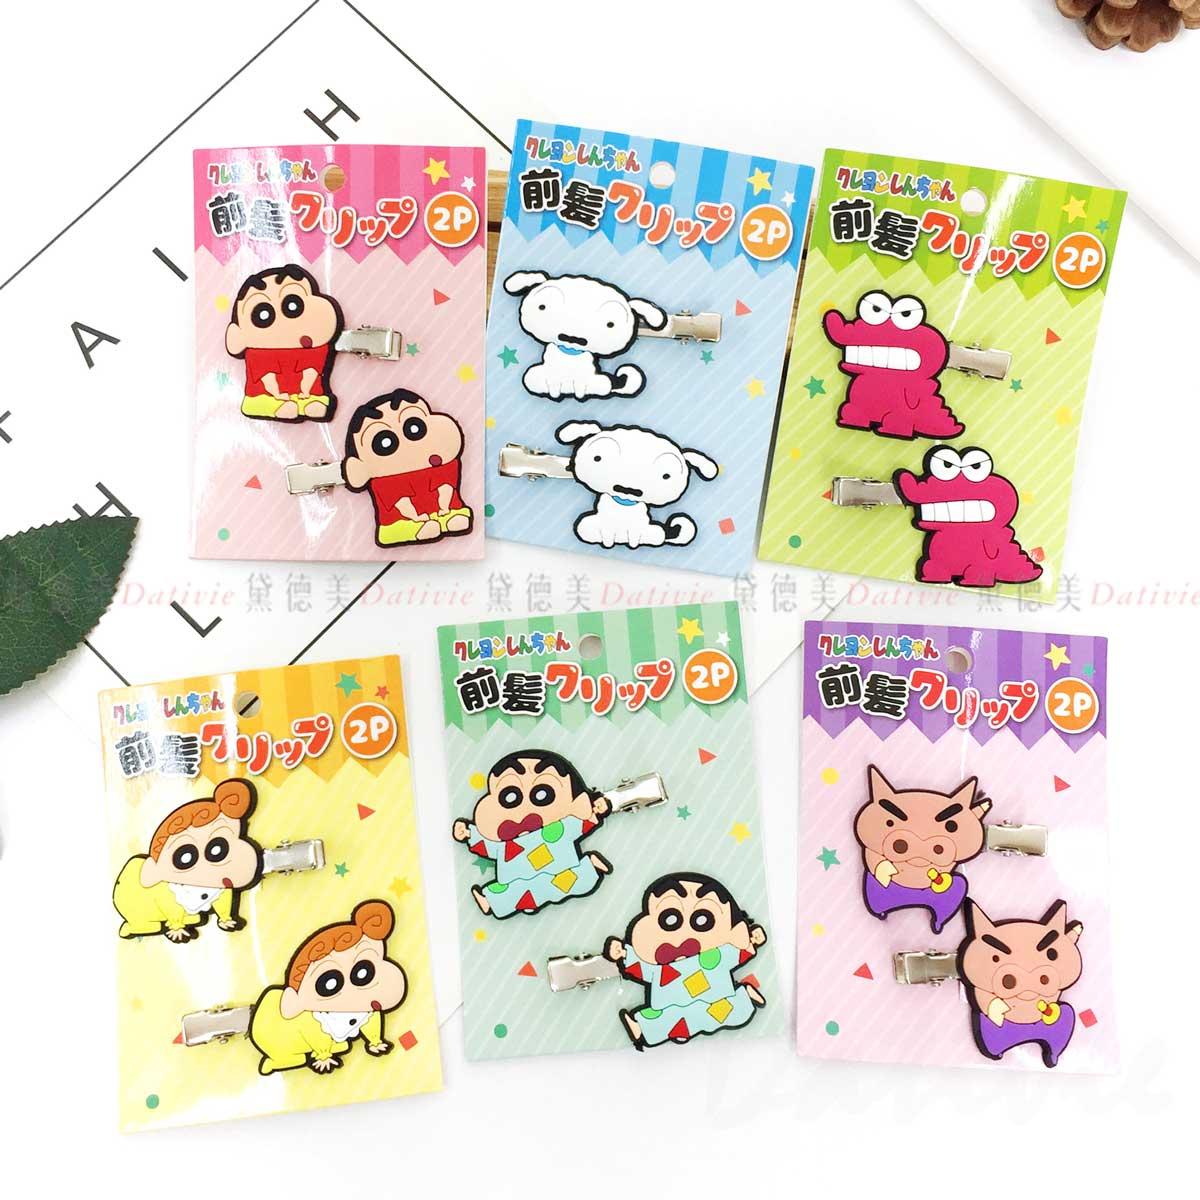 髮夾-蠟筆小新 Crayon Shin-chan 瀏海夾  日本進口正版授權